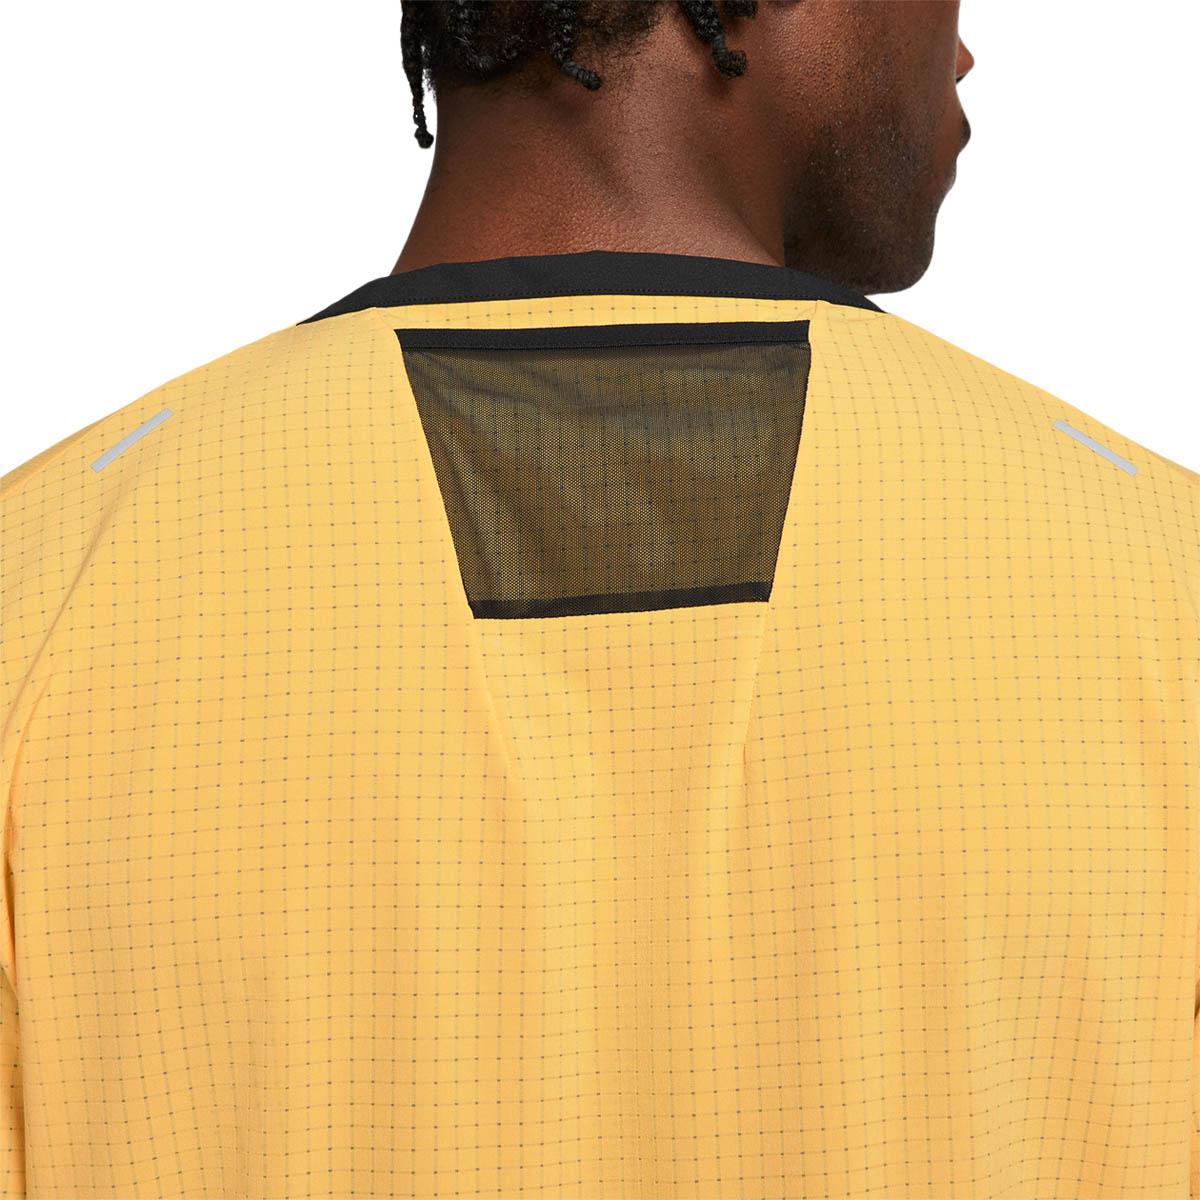 Nike Dri Fit Rise 365 Løbe T-shirt Herre